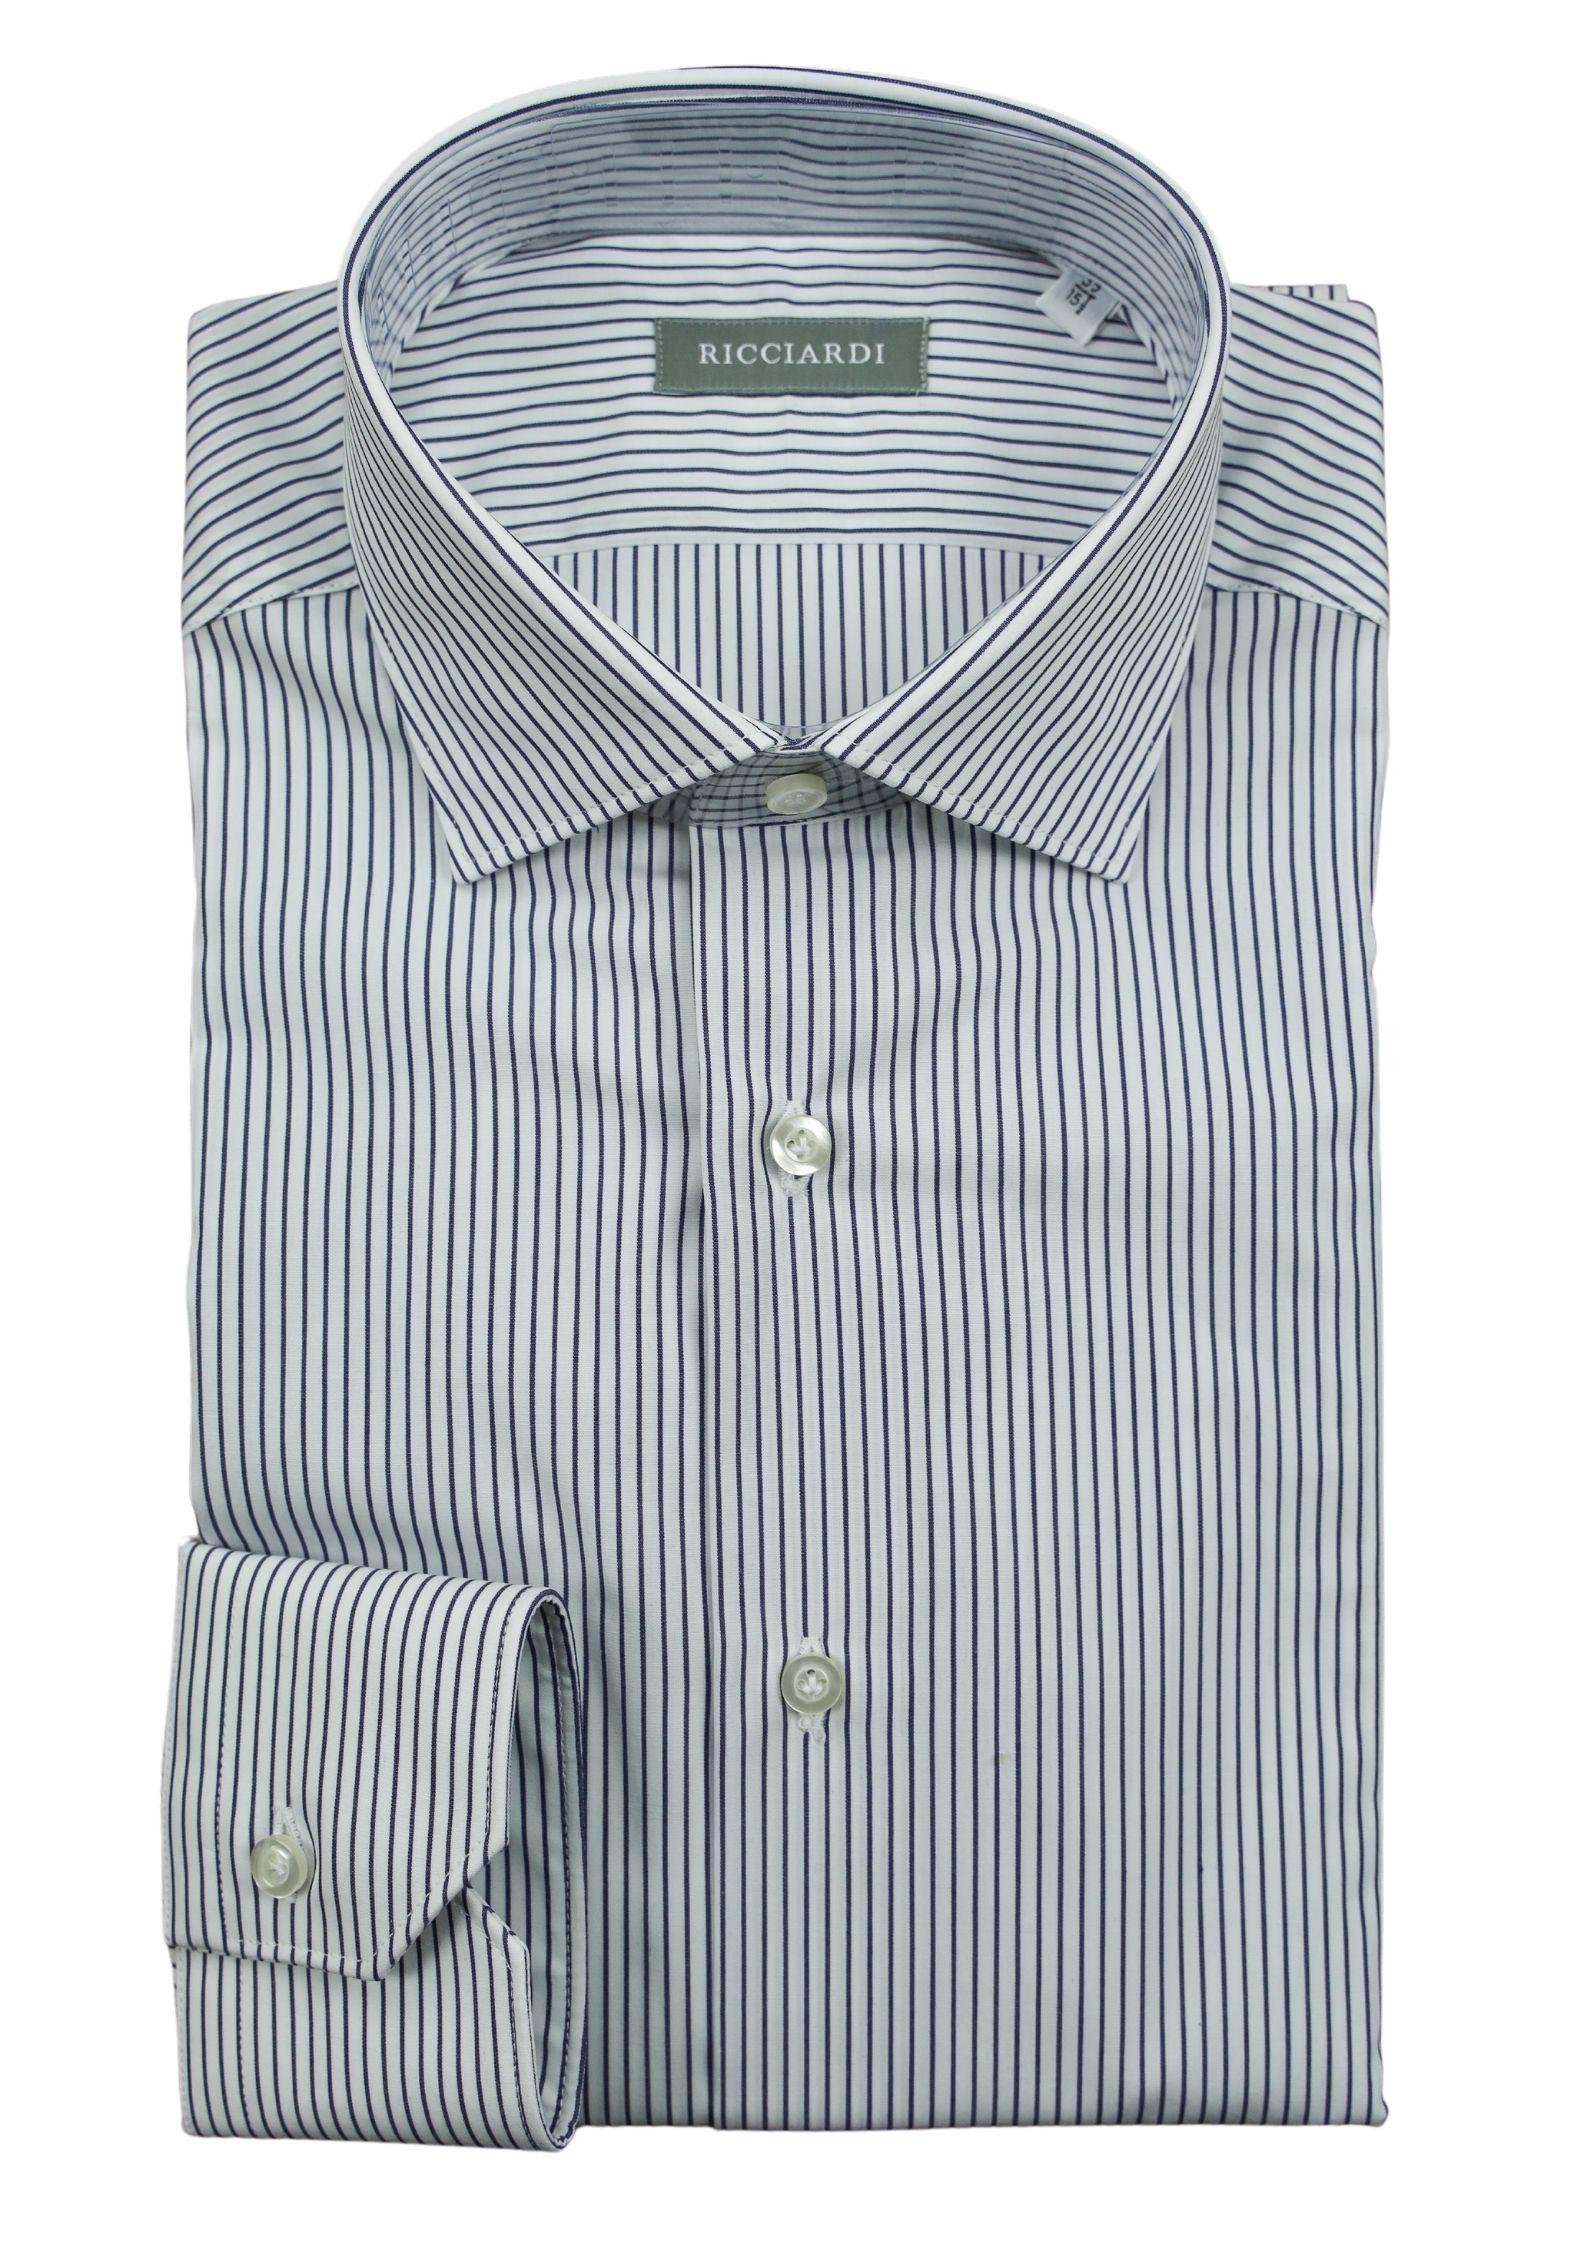 RICCIARDI   Shirts   GIO REG681 03